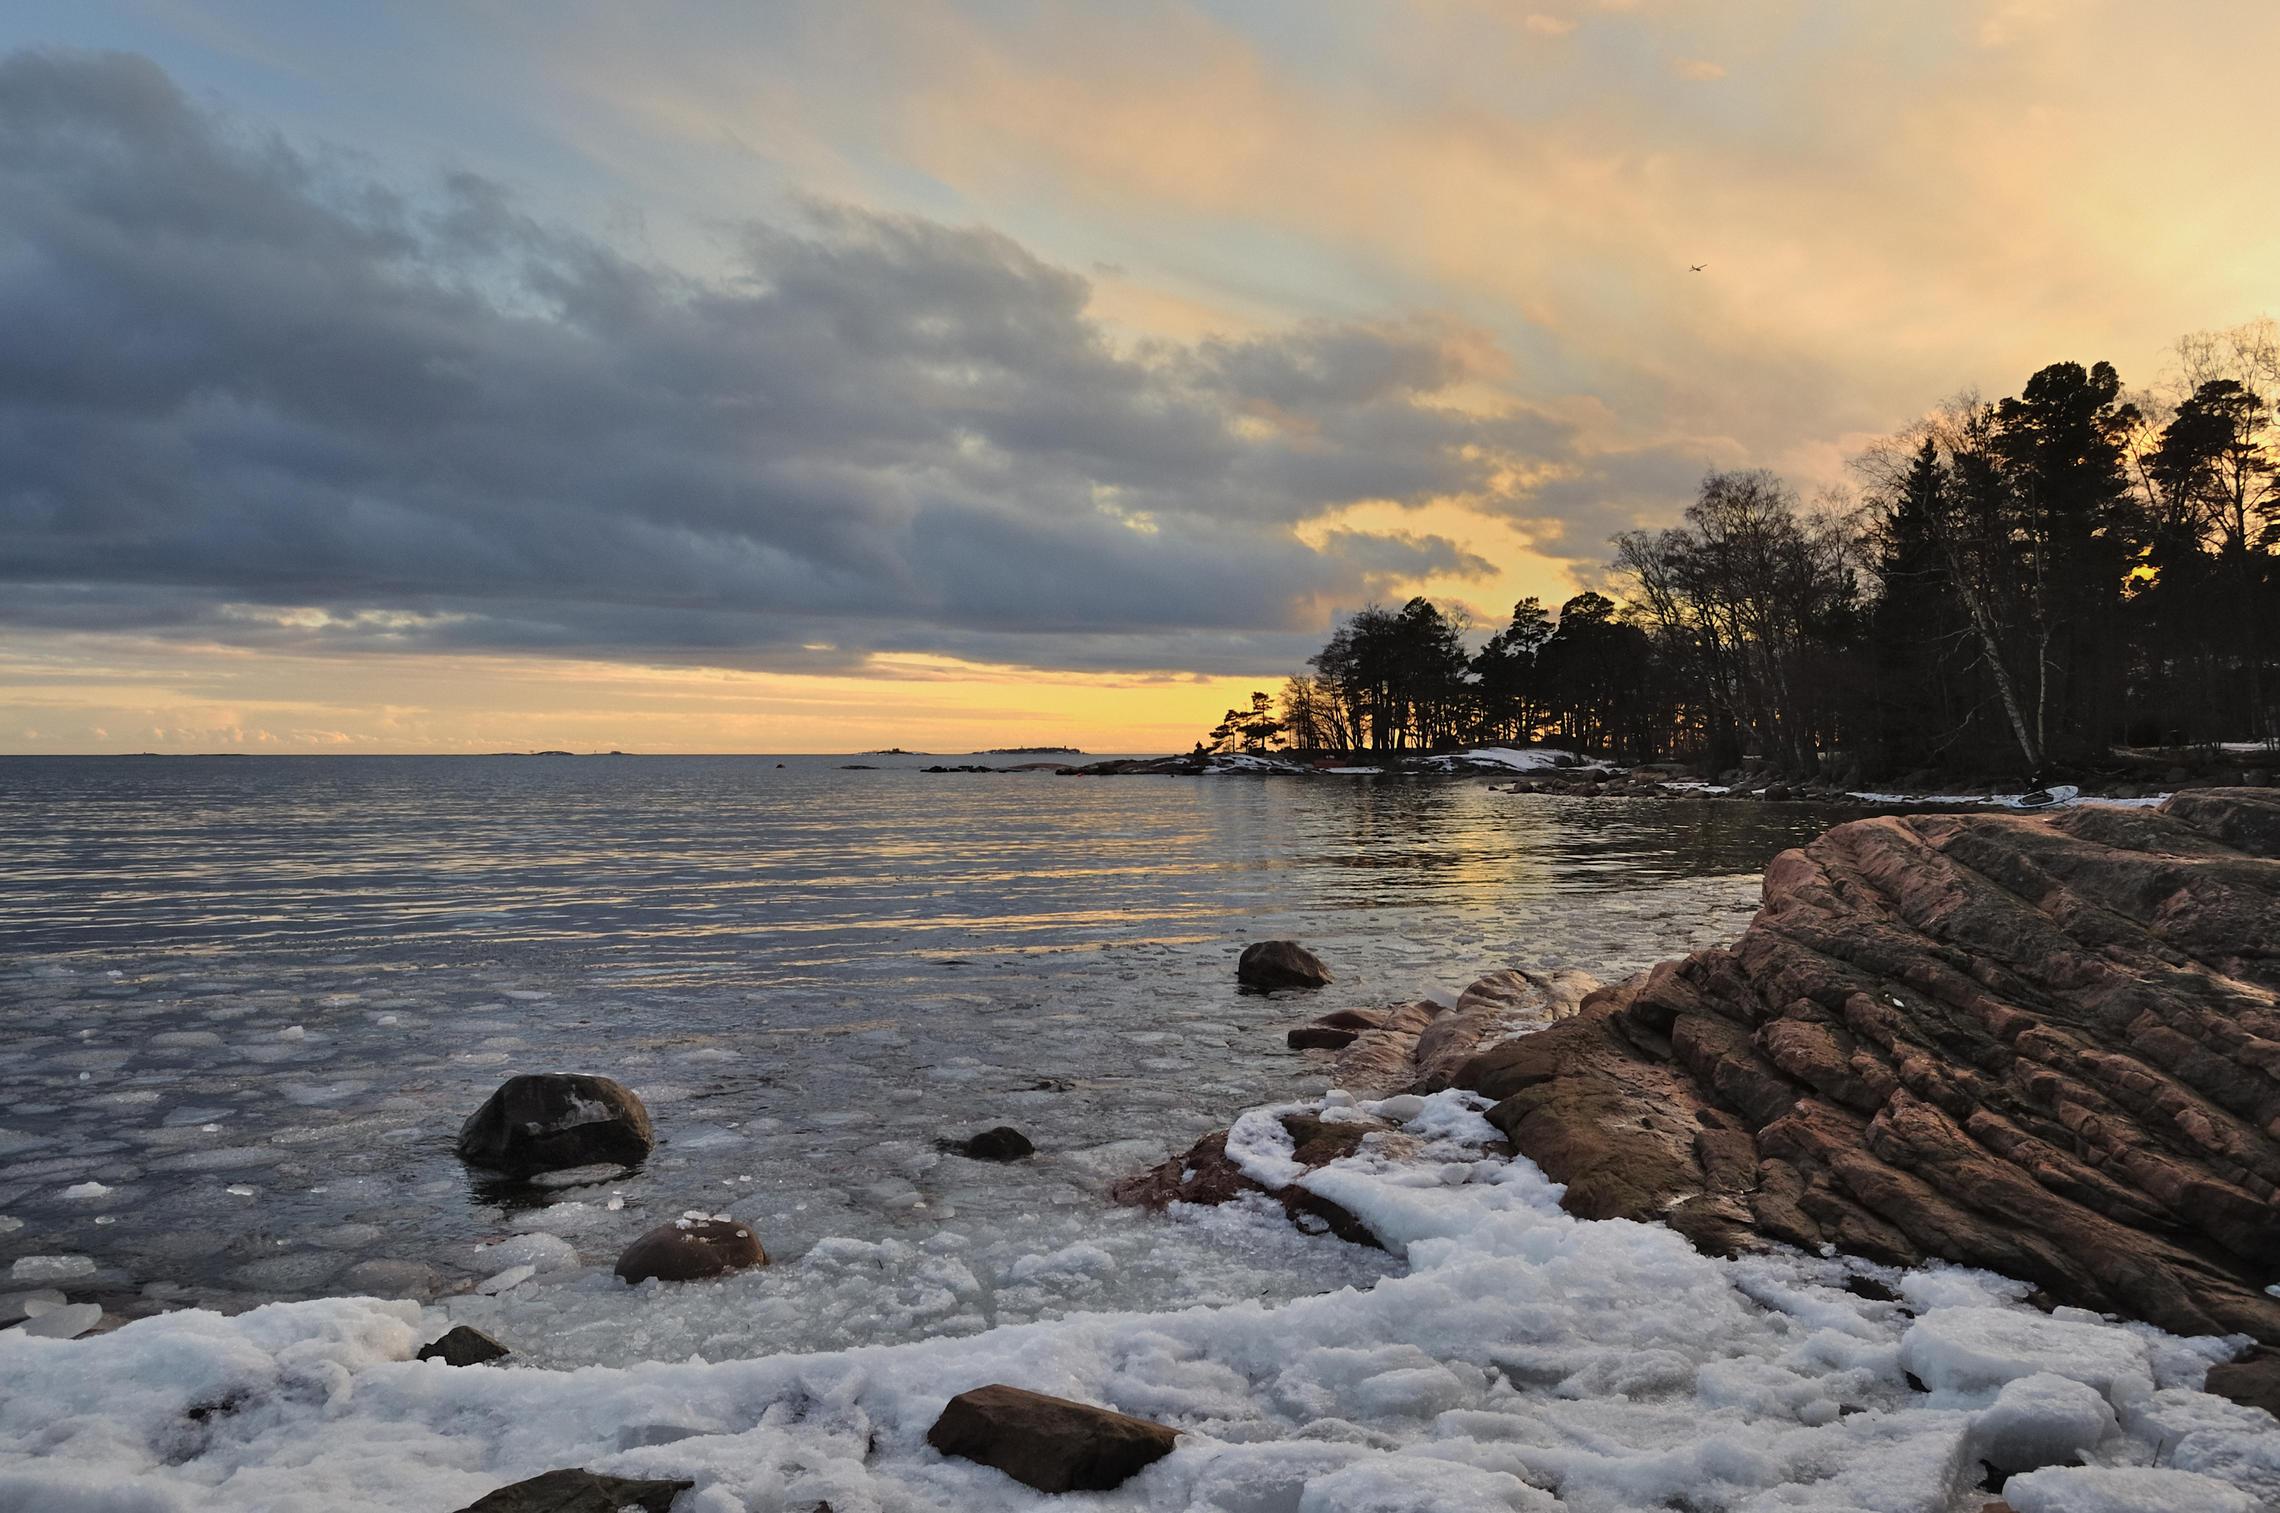 финский залив фото сегодня яркой